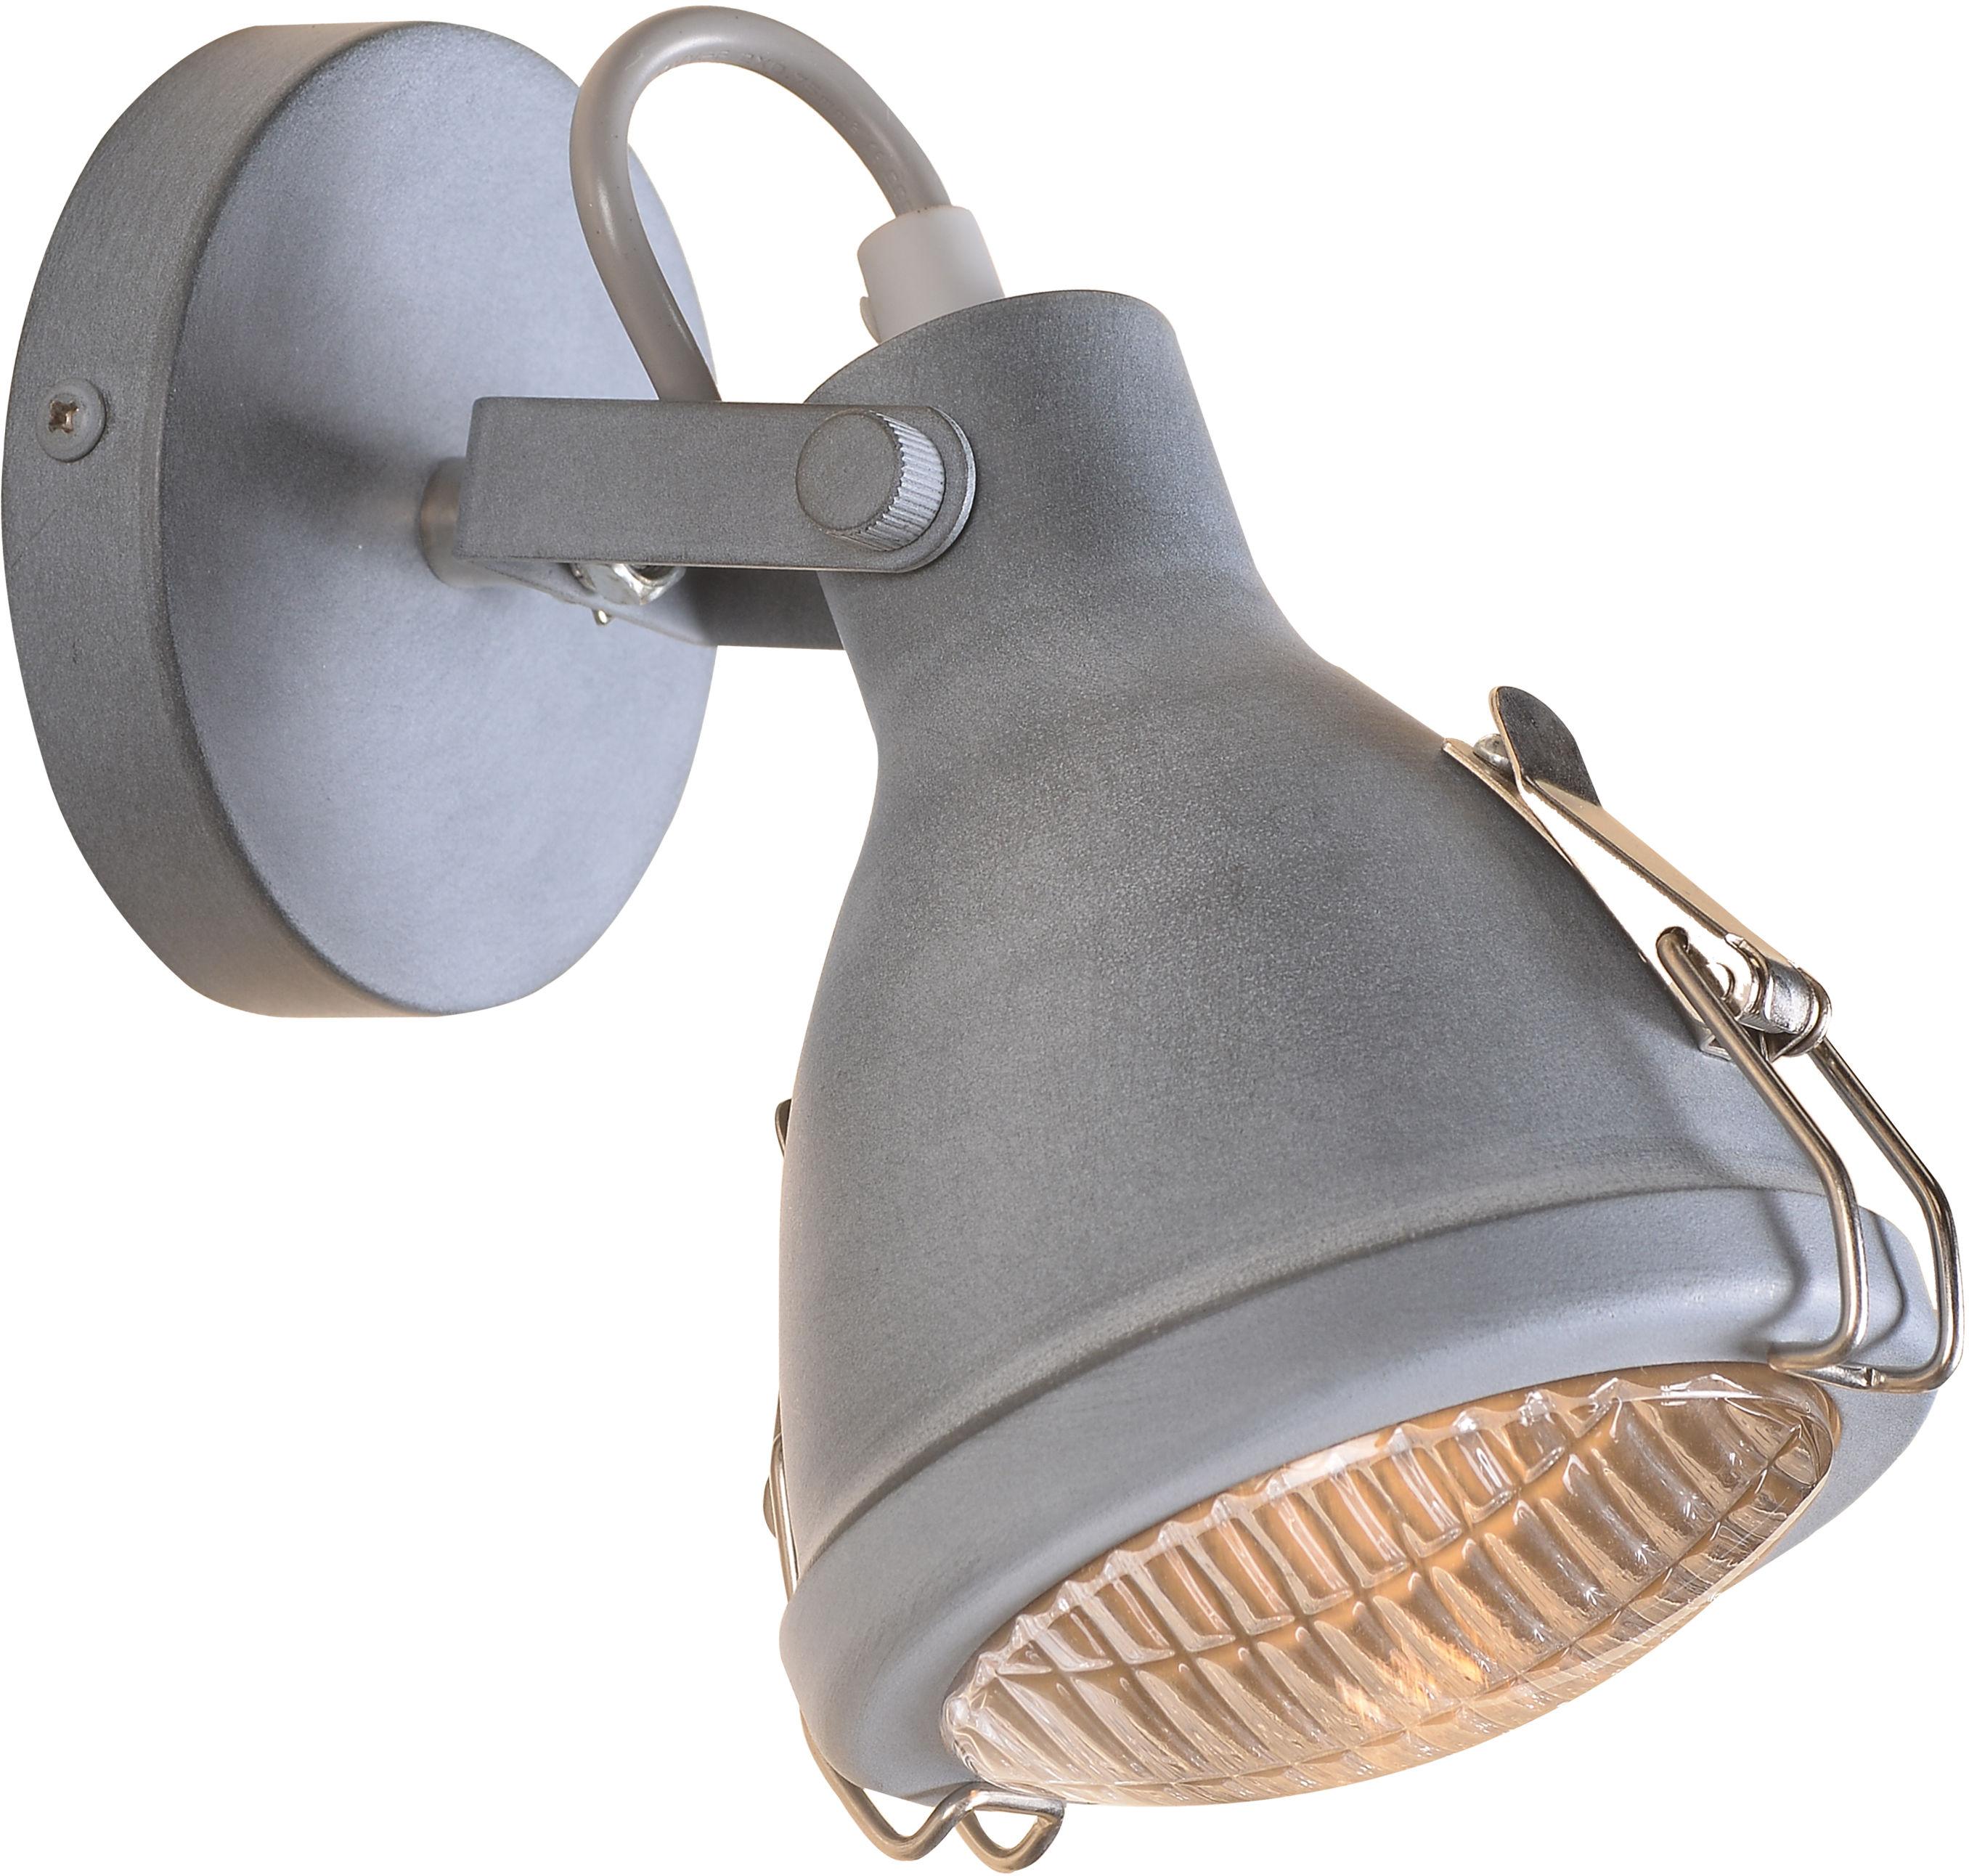 Candellux CRODO 91-71101 kinkiet lampa ścienna szara regulacja klosza 1X40W E14 11cm